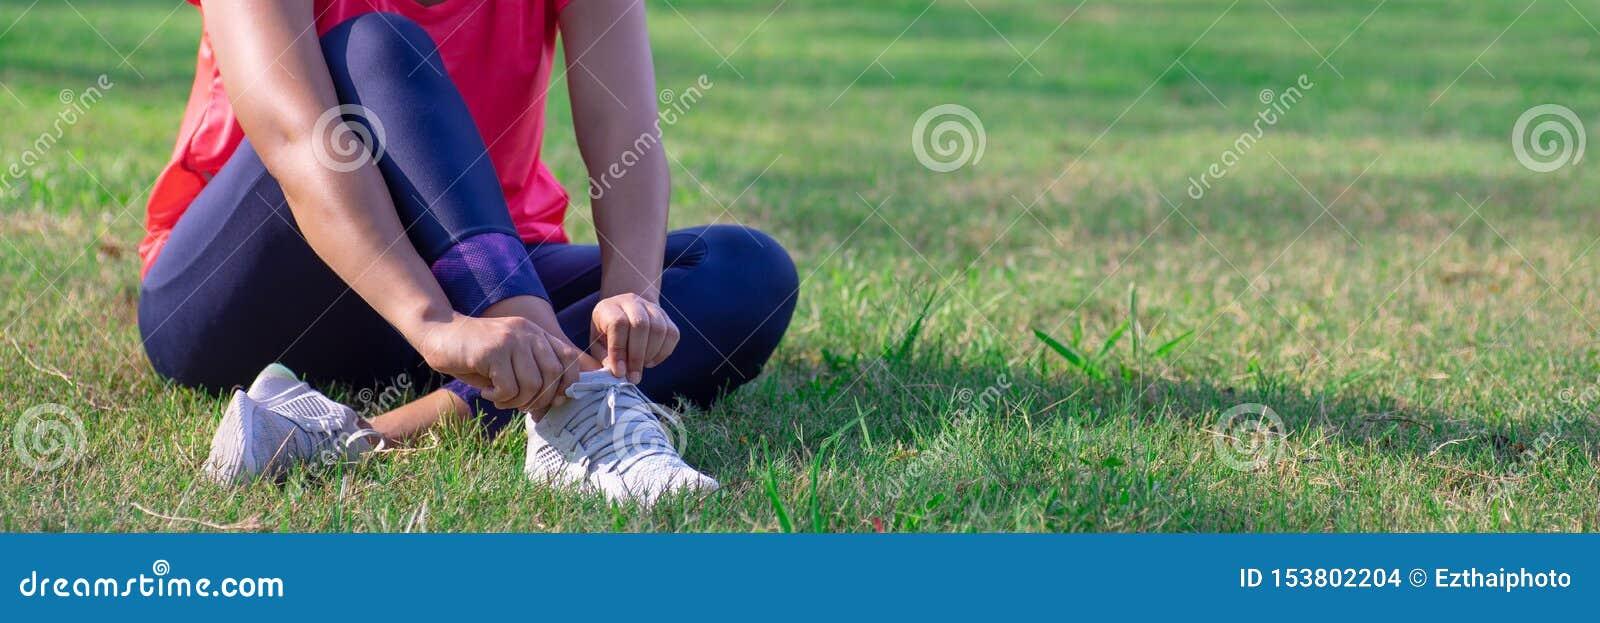 女性手在实践前调整她的跑鞋 准备好的赛跑者训练 体育活跃生活方式概念 ??